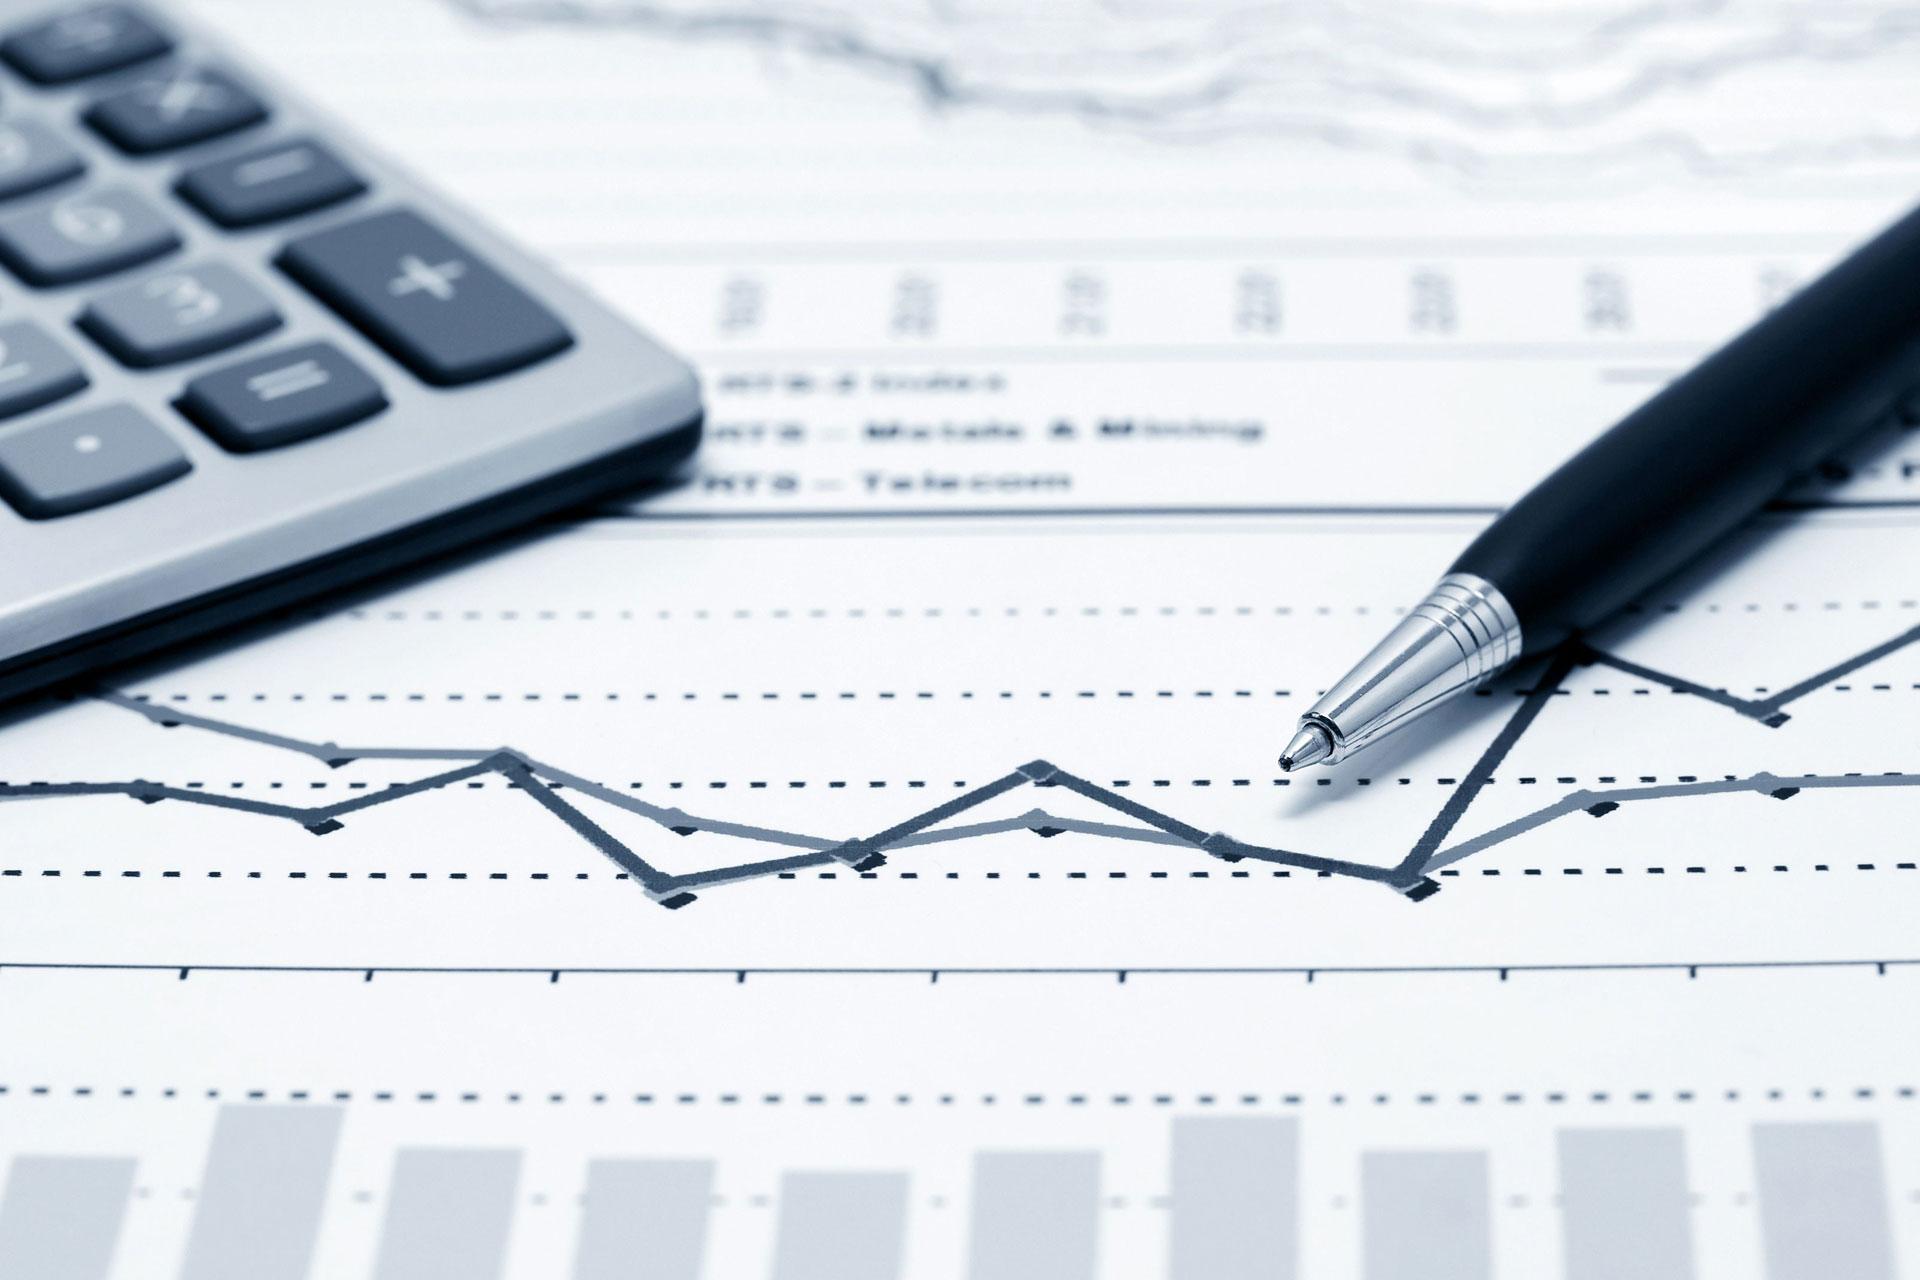 Вебинар: Как маркетинговая аналитика увеличивает продажи. Часть 2